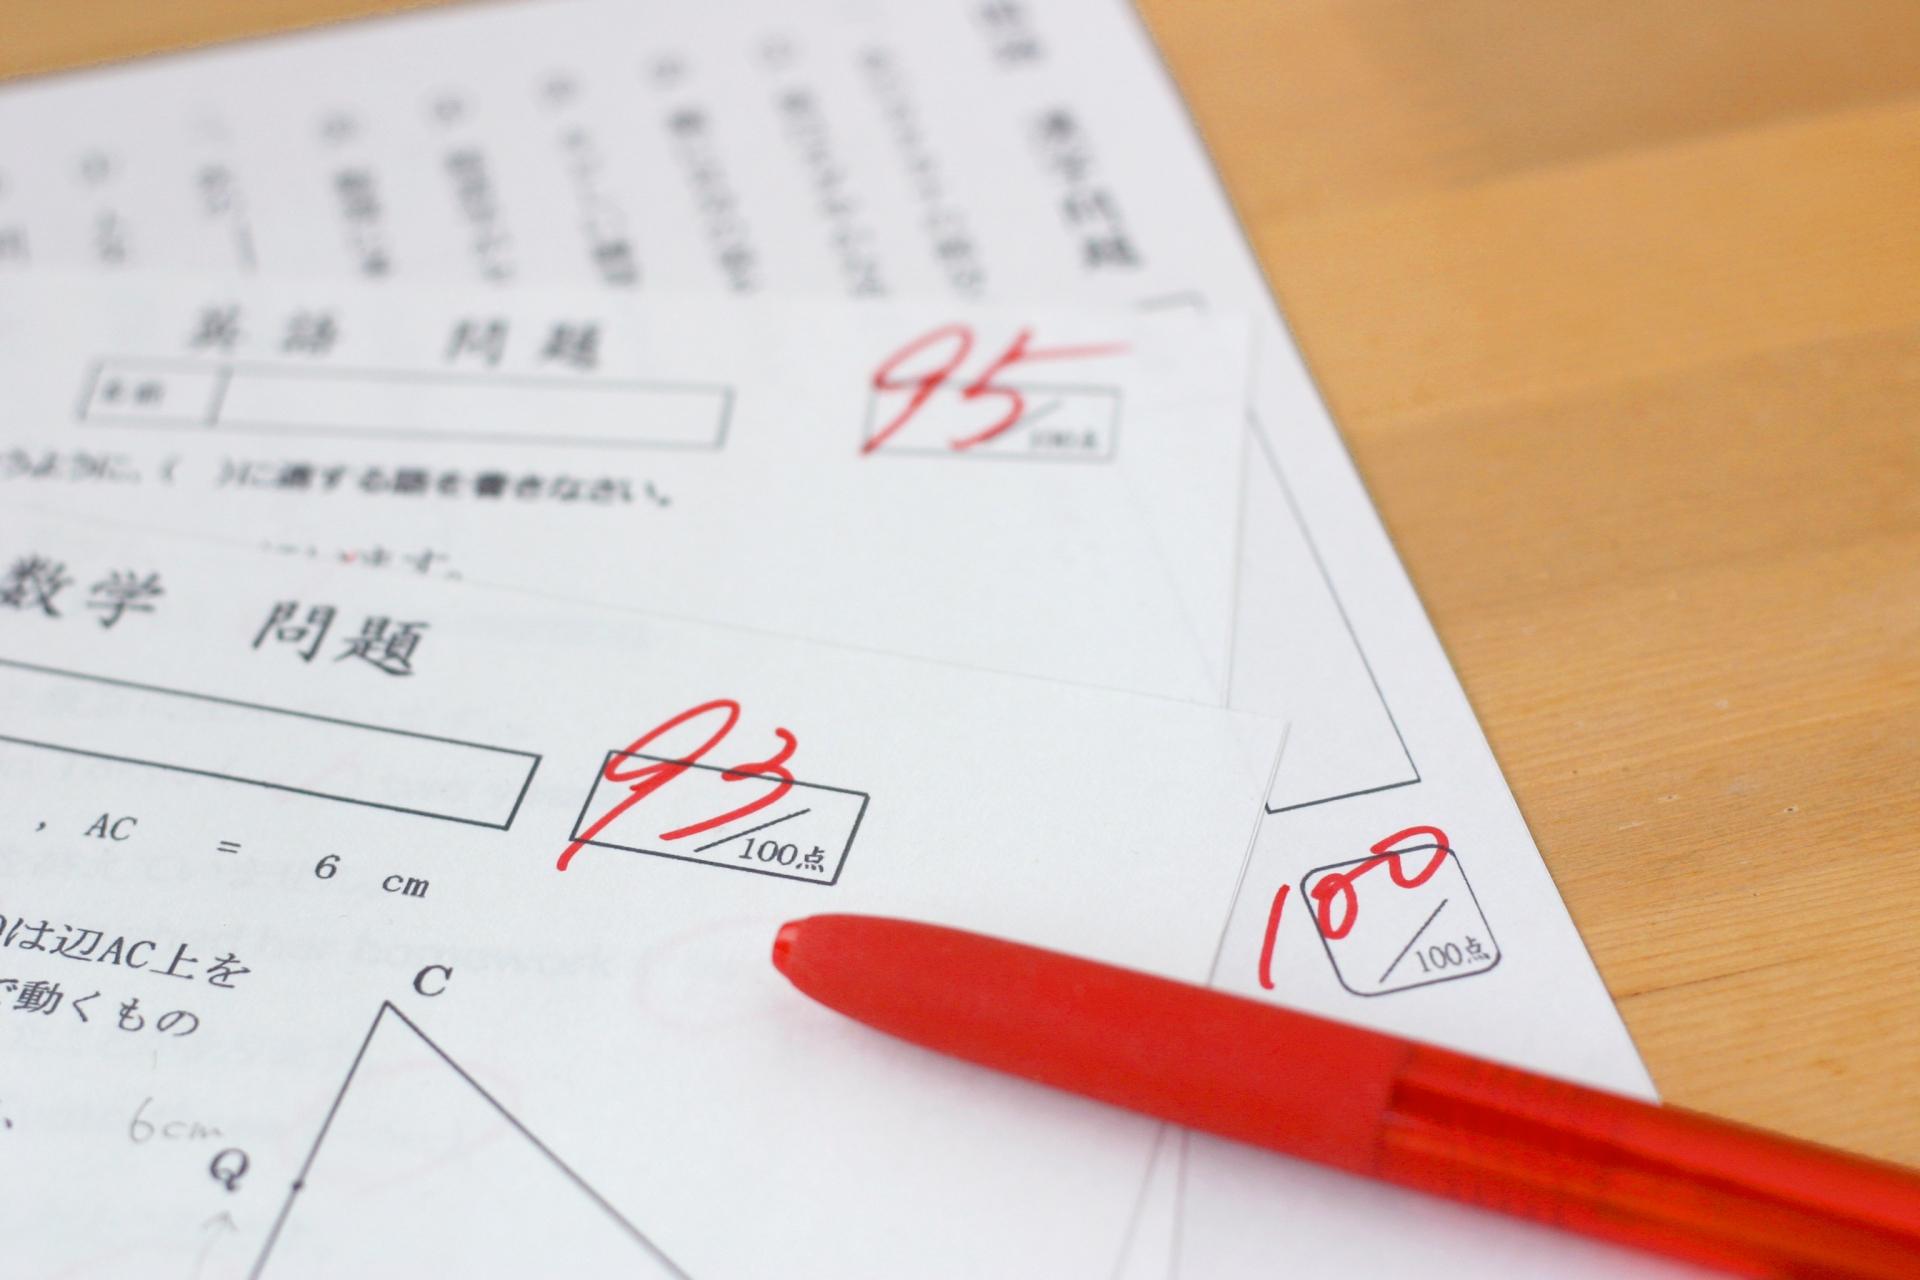 2021年度 第1回 定期試験対策講座生を募集します。